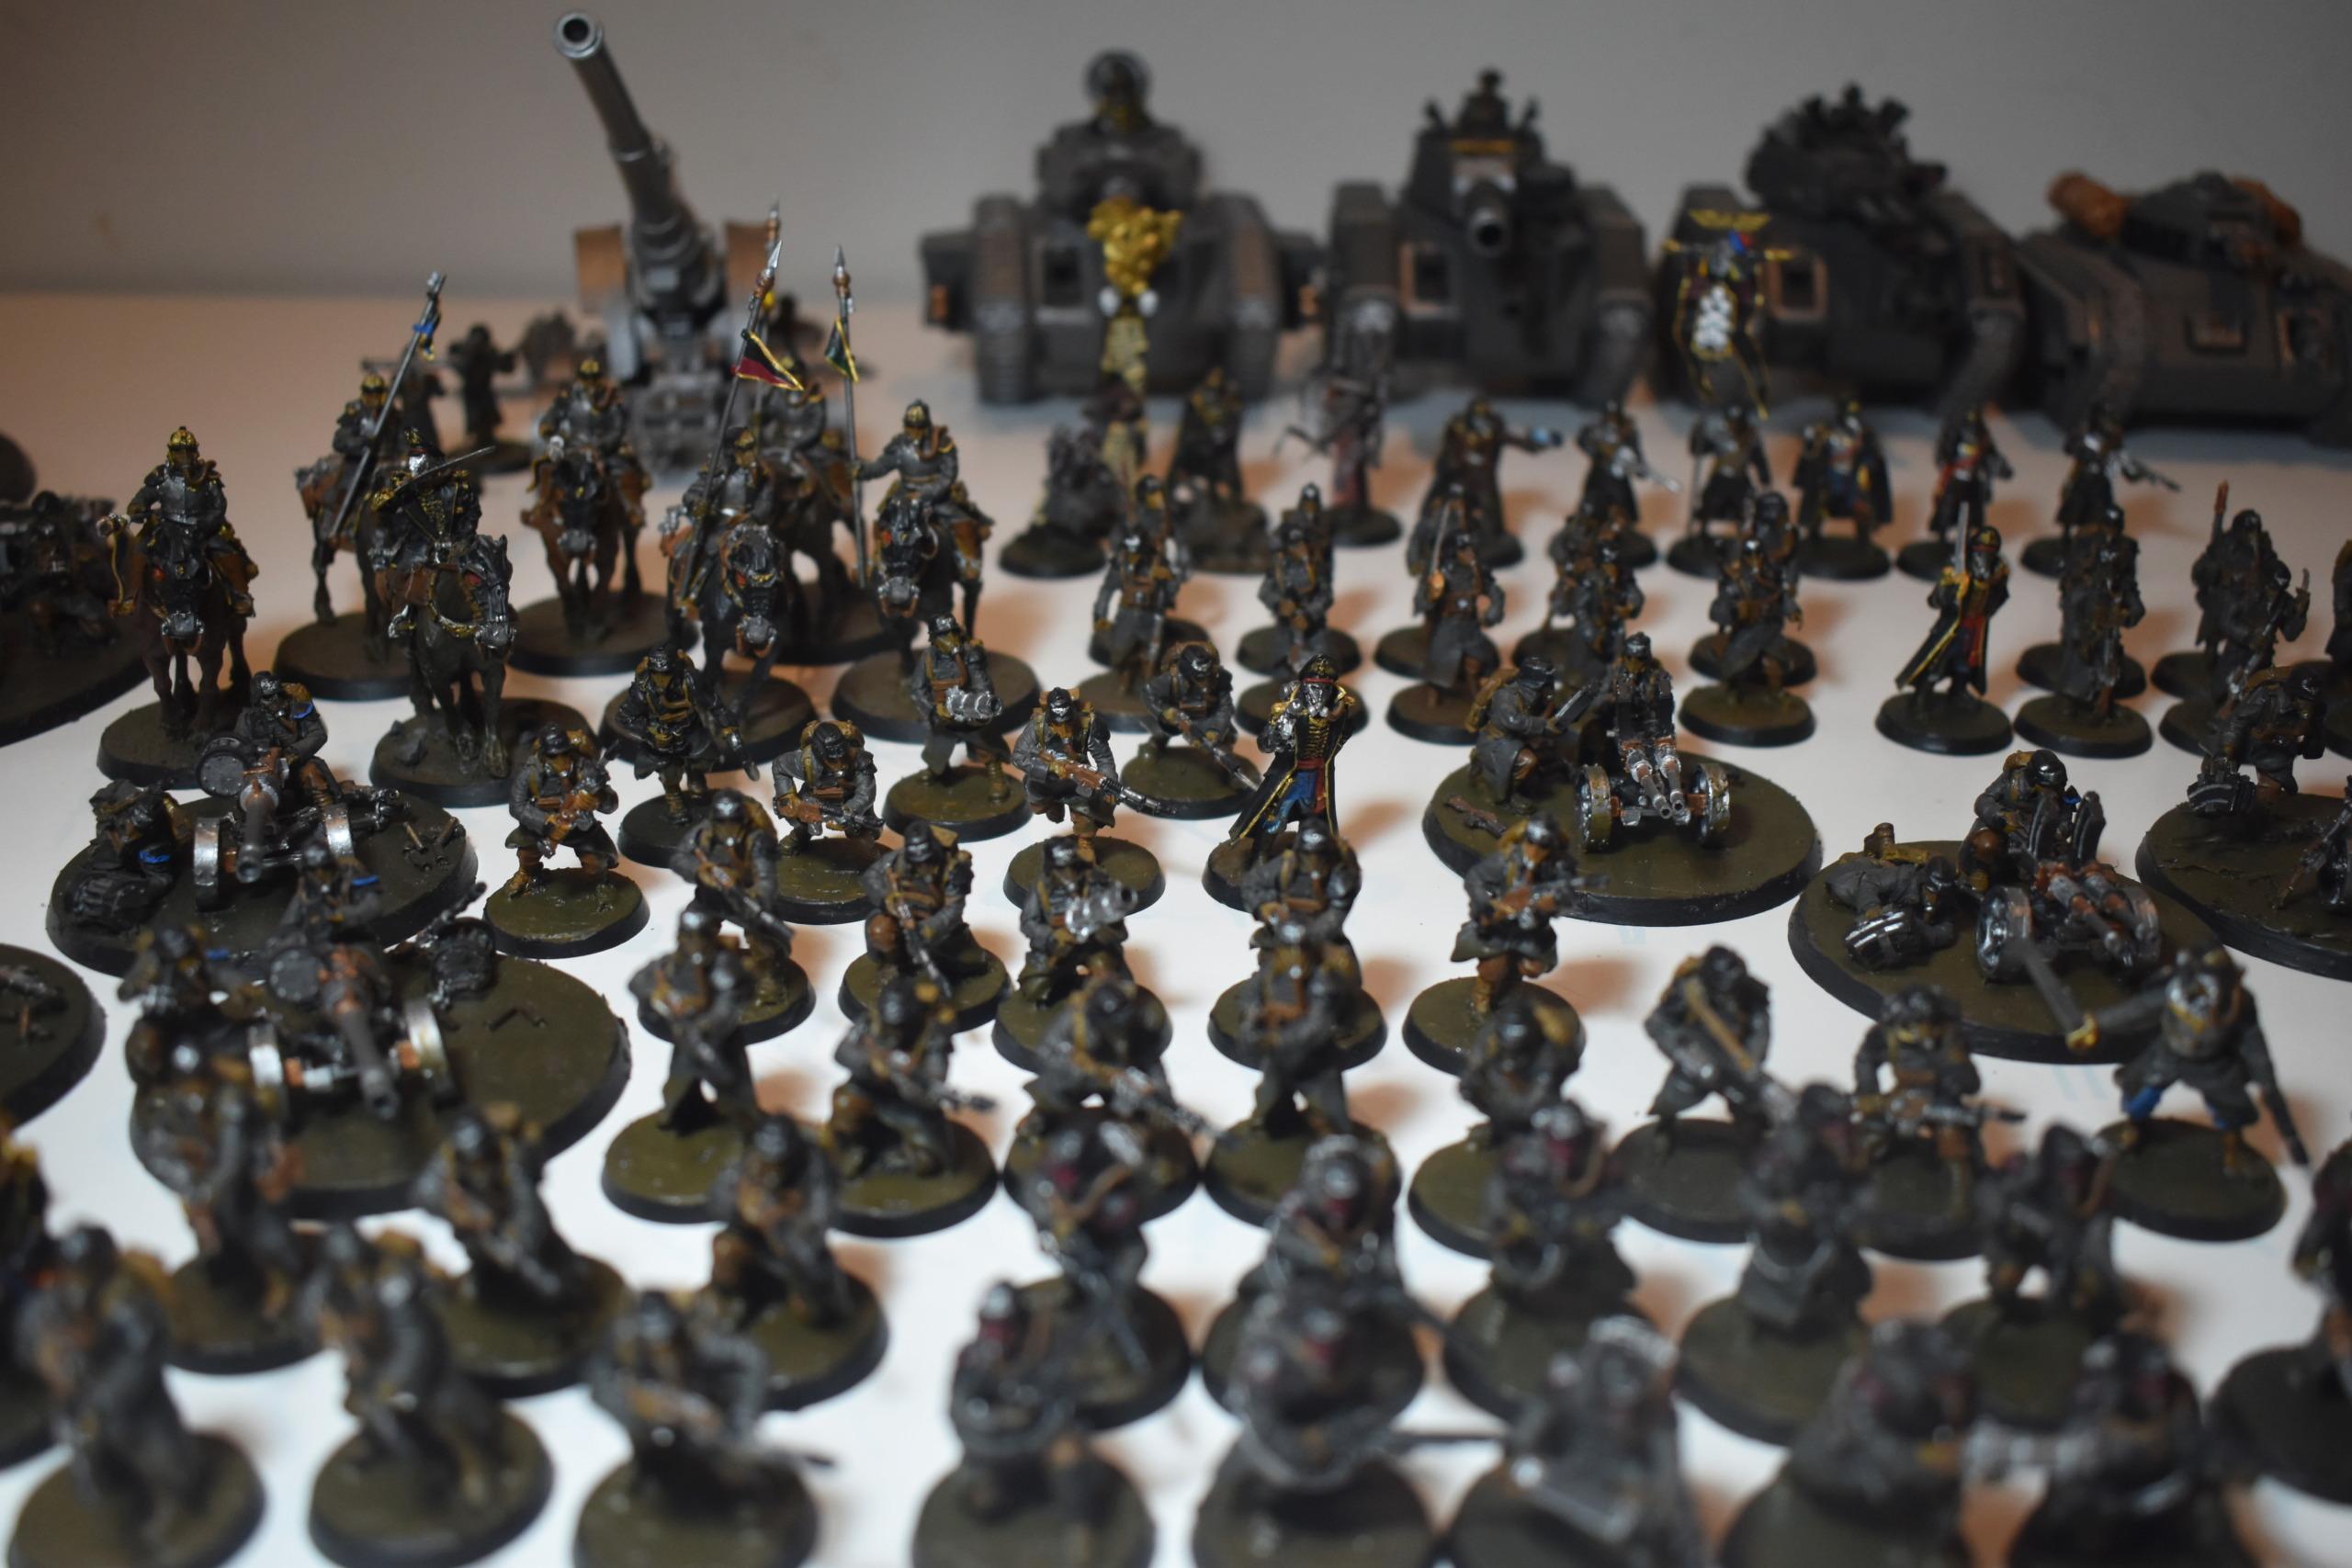 Les Armées de Nico. (Battle, 40K & HH) - Page 6 Dsc_0251